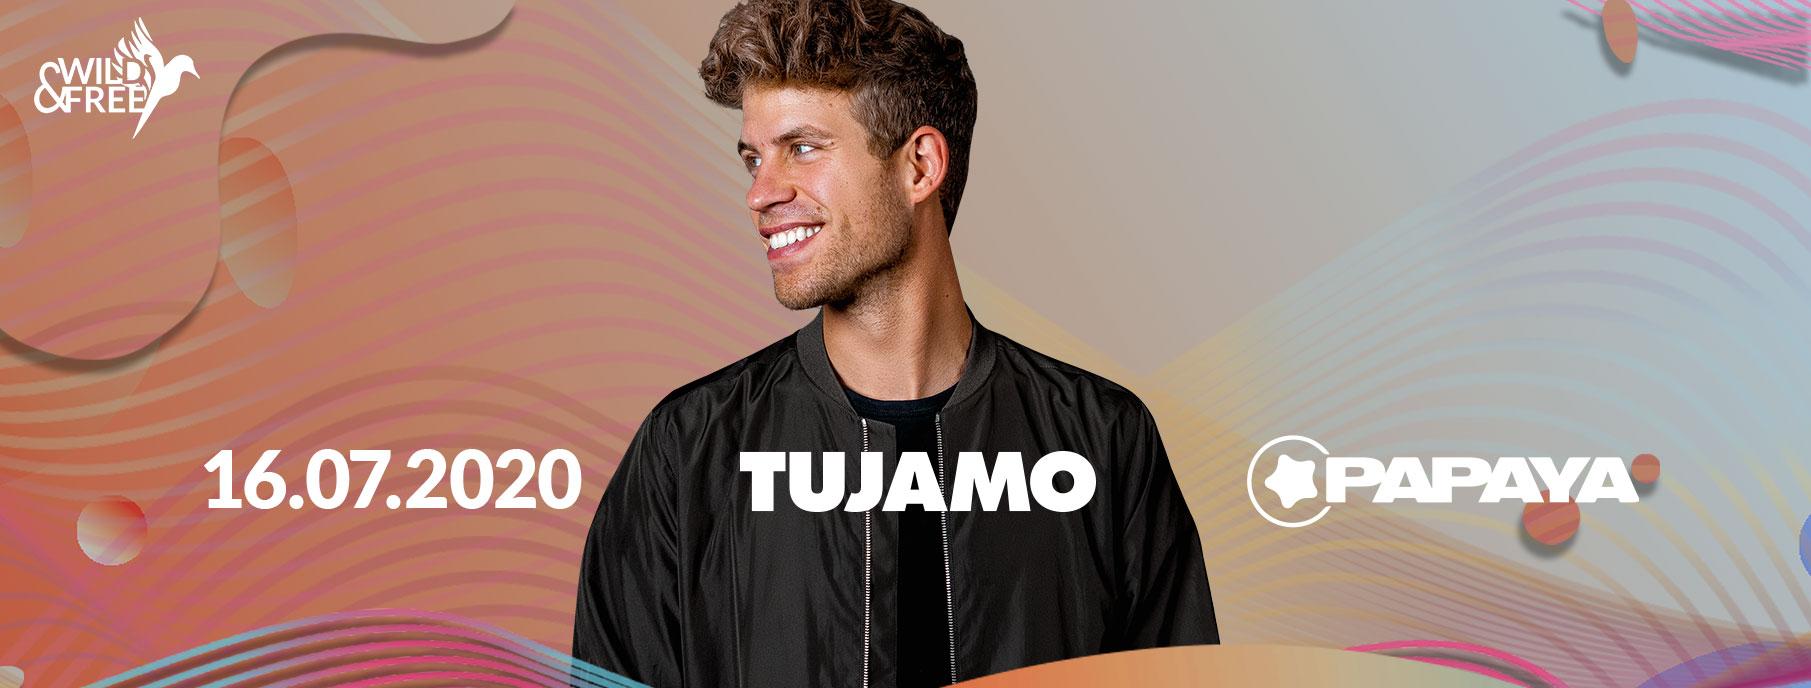 Tujamo / Wild&Free